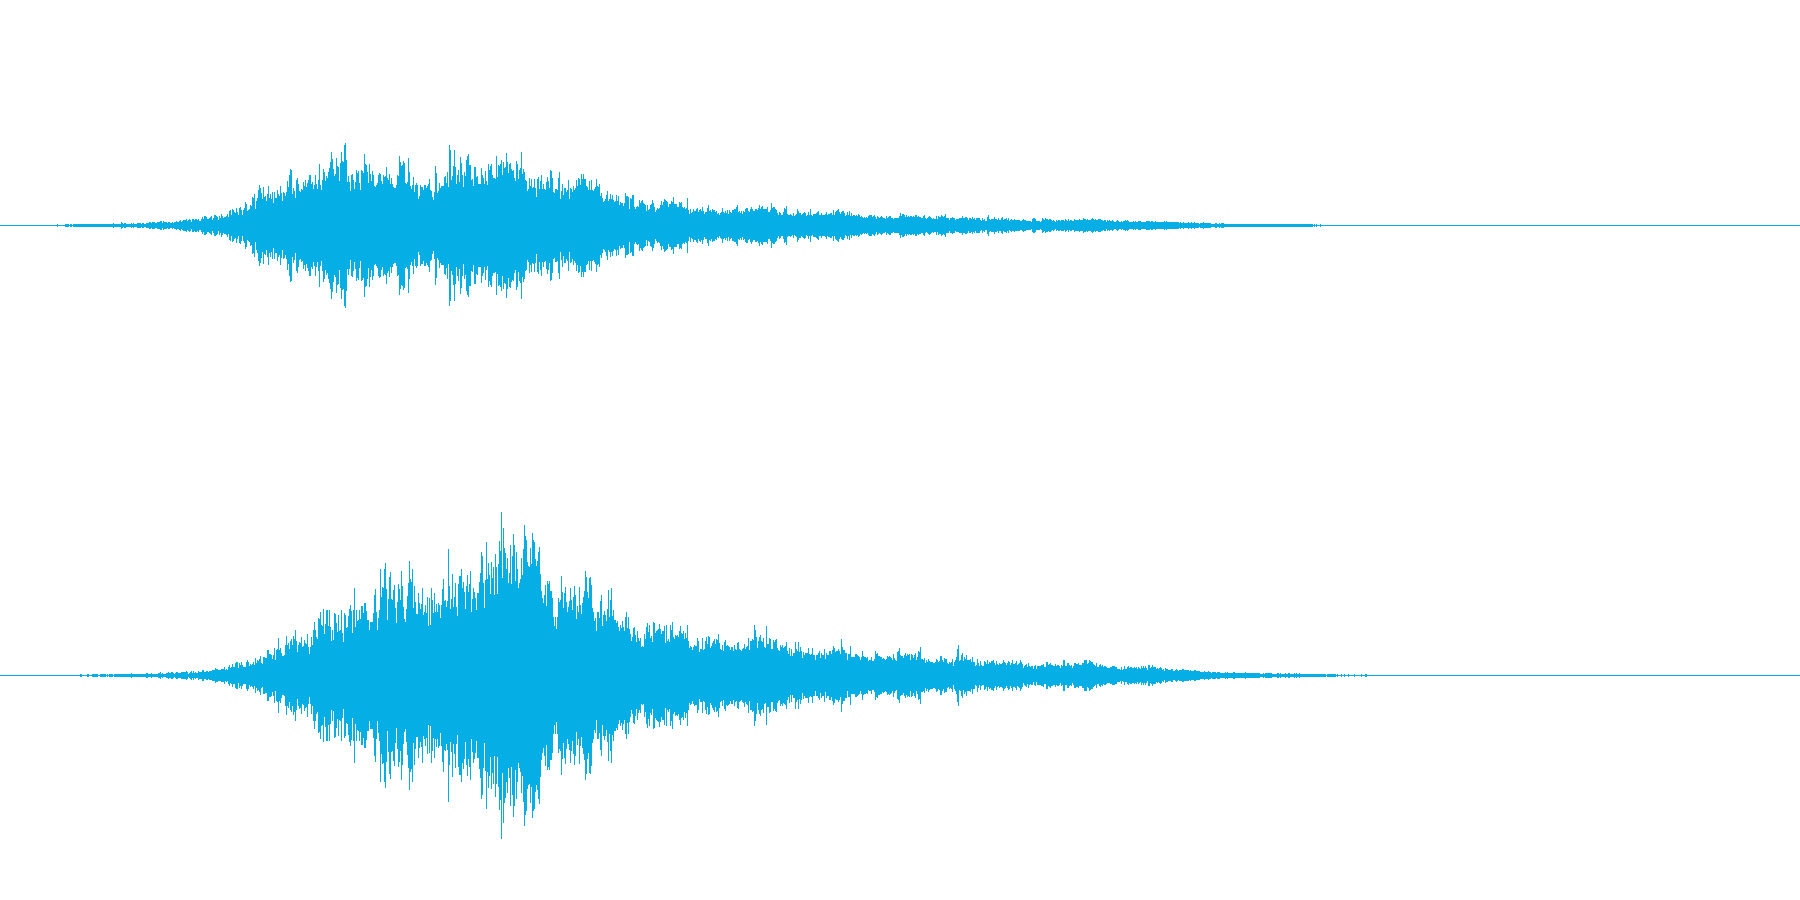 宇宙船通過フライバイ-高速SF-テイク2の再生済みの波形